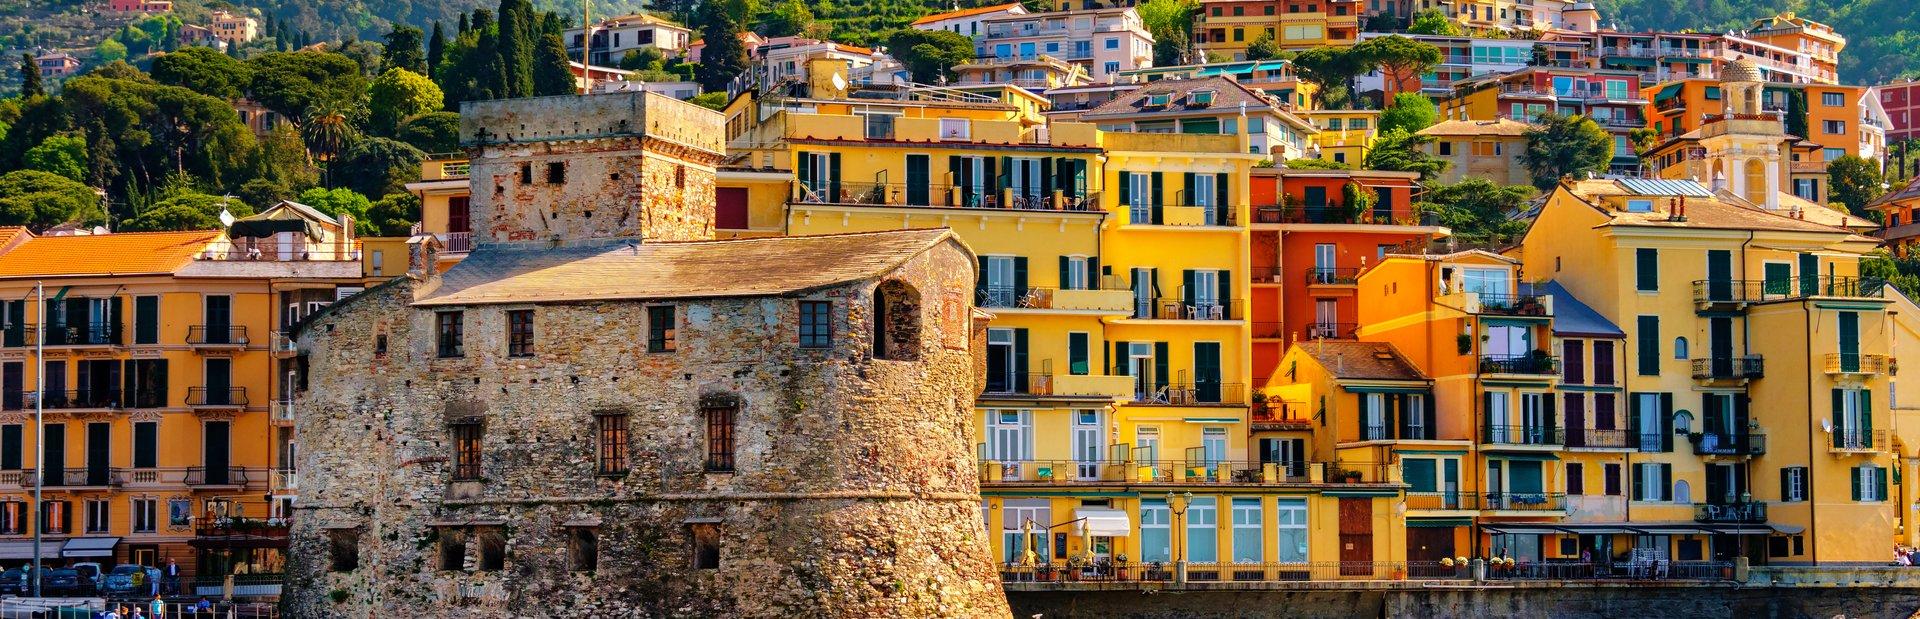 Rapallo guide